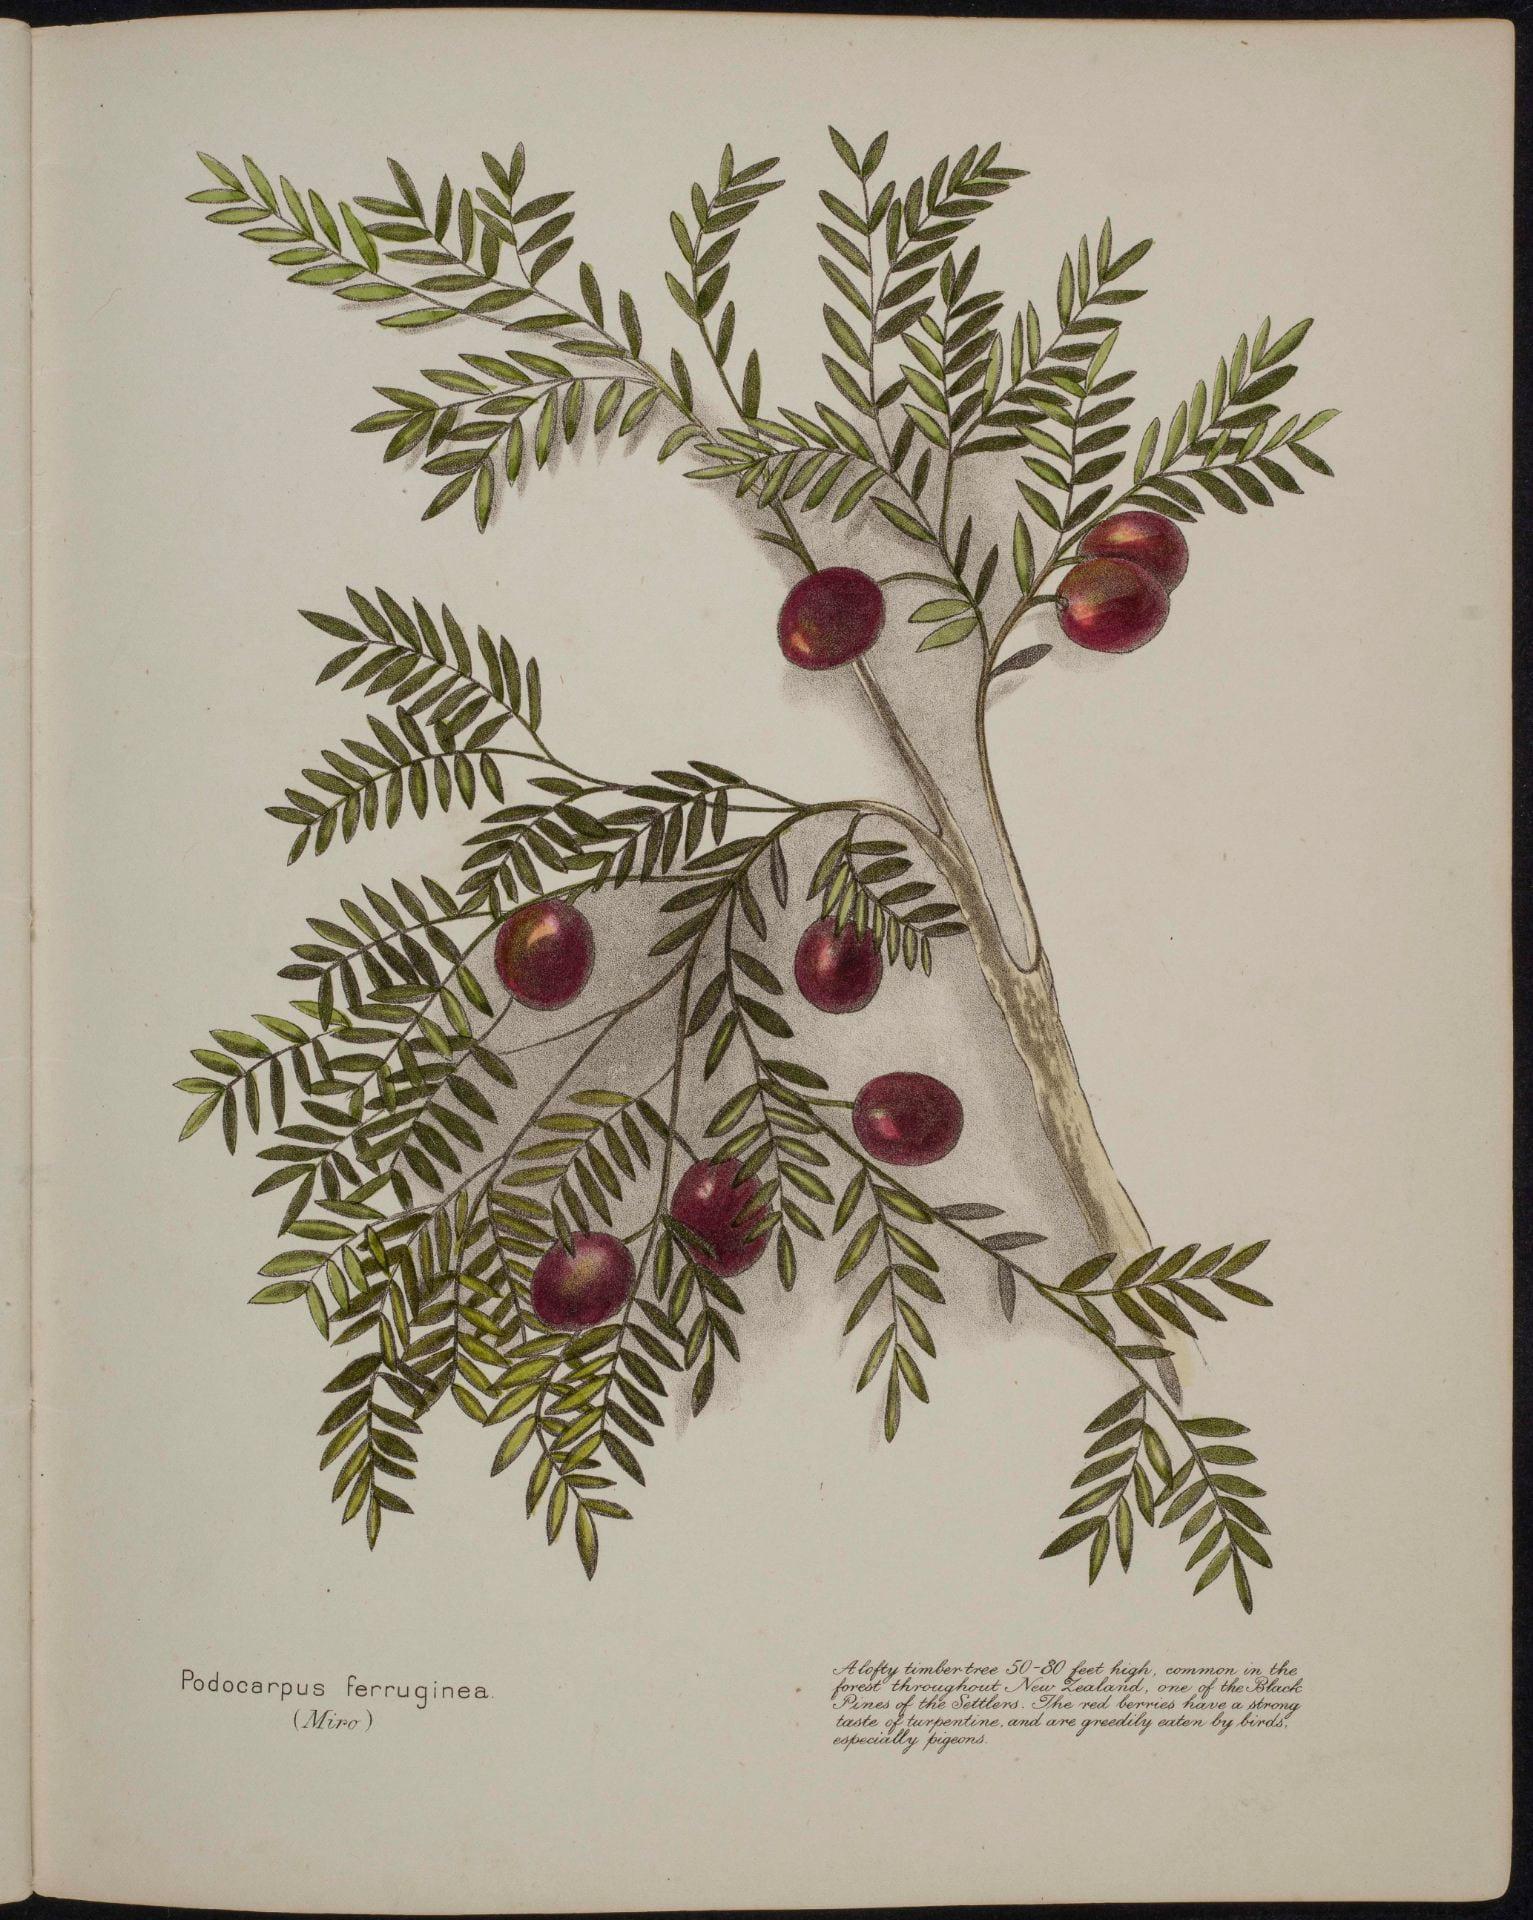 Podocarpus ferruginea Miro